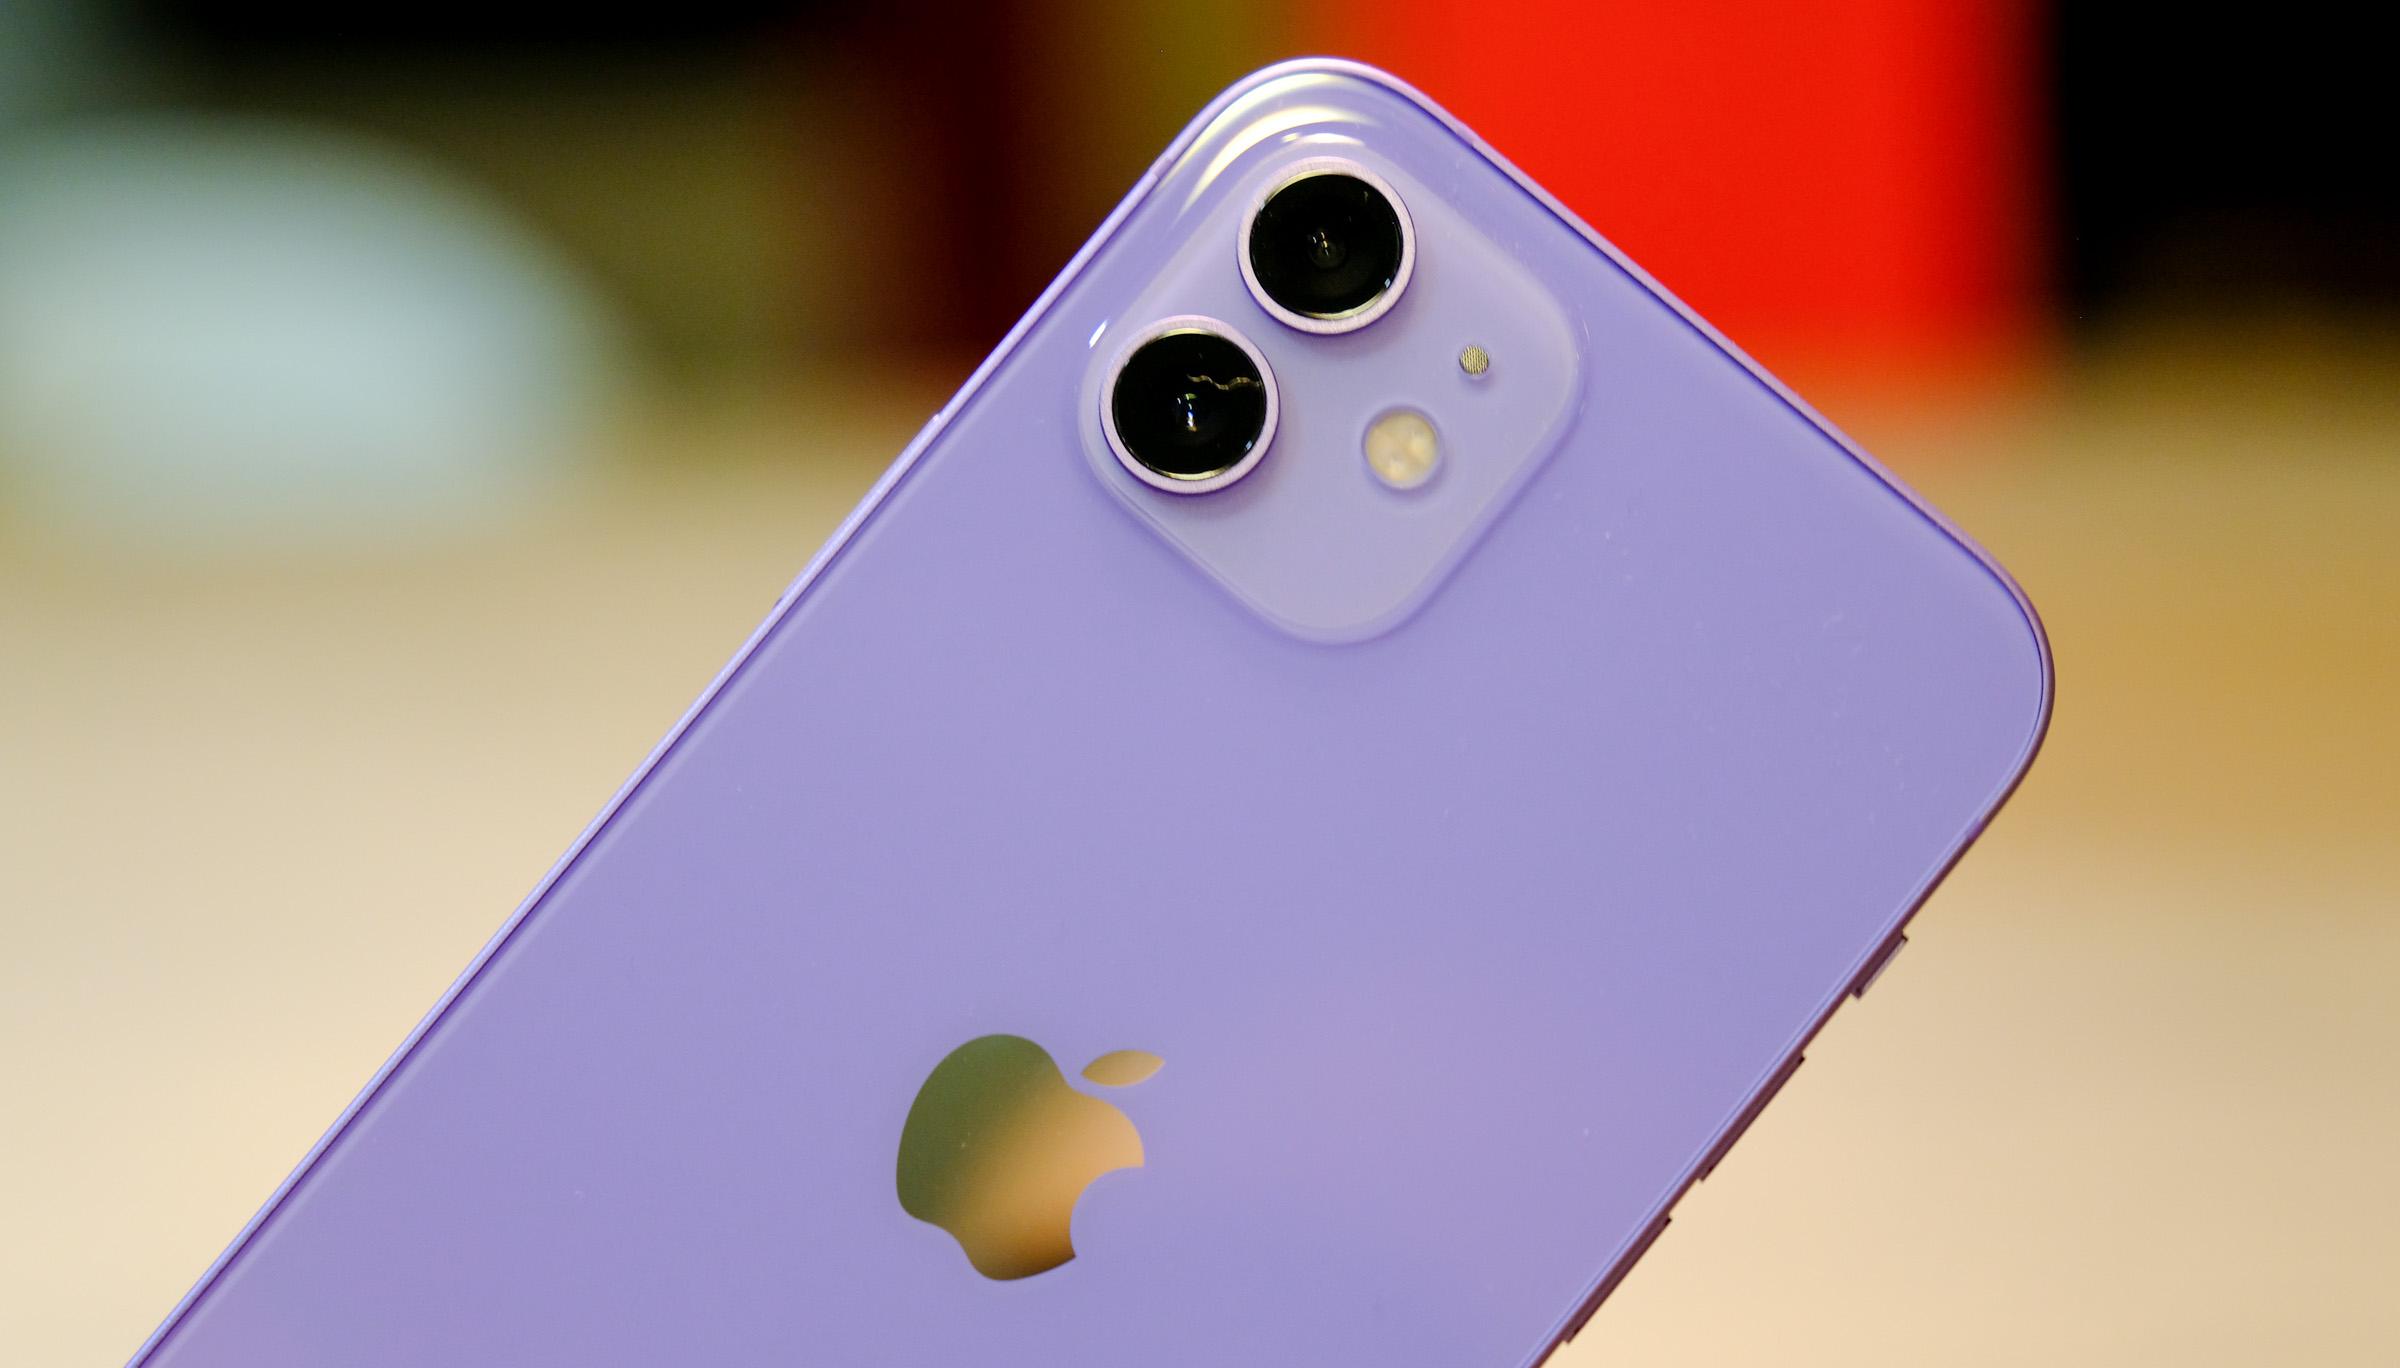 <p>Apple iPhone 12 in purple</p>